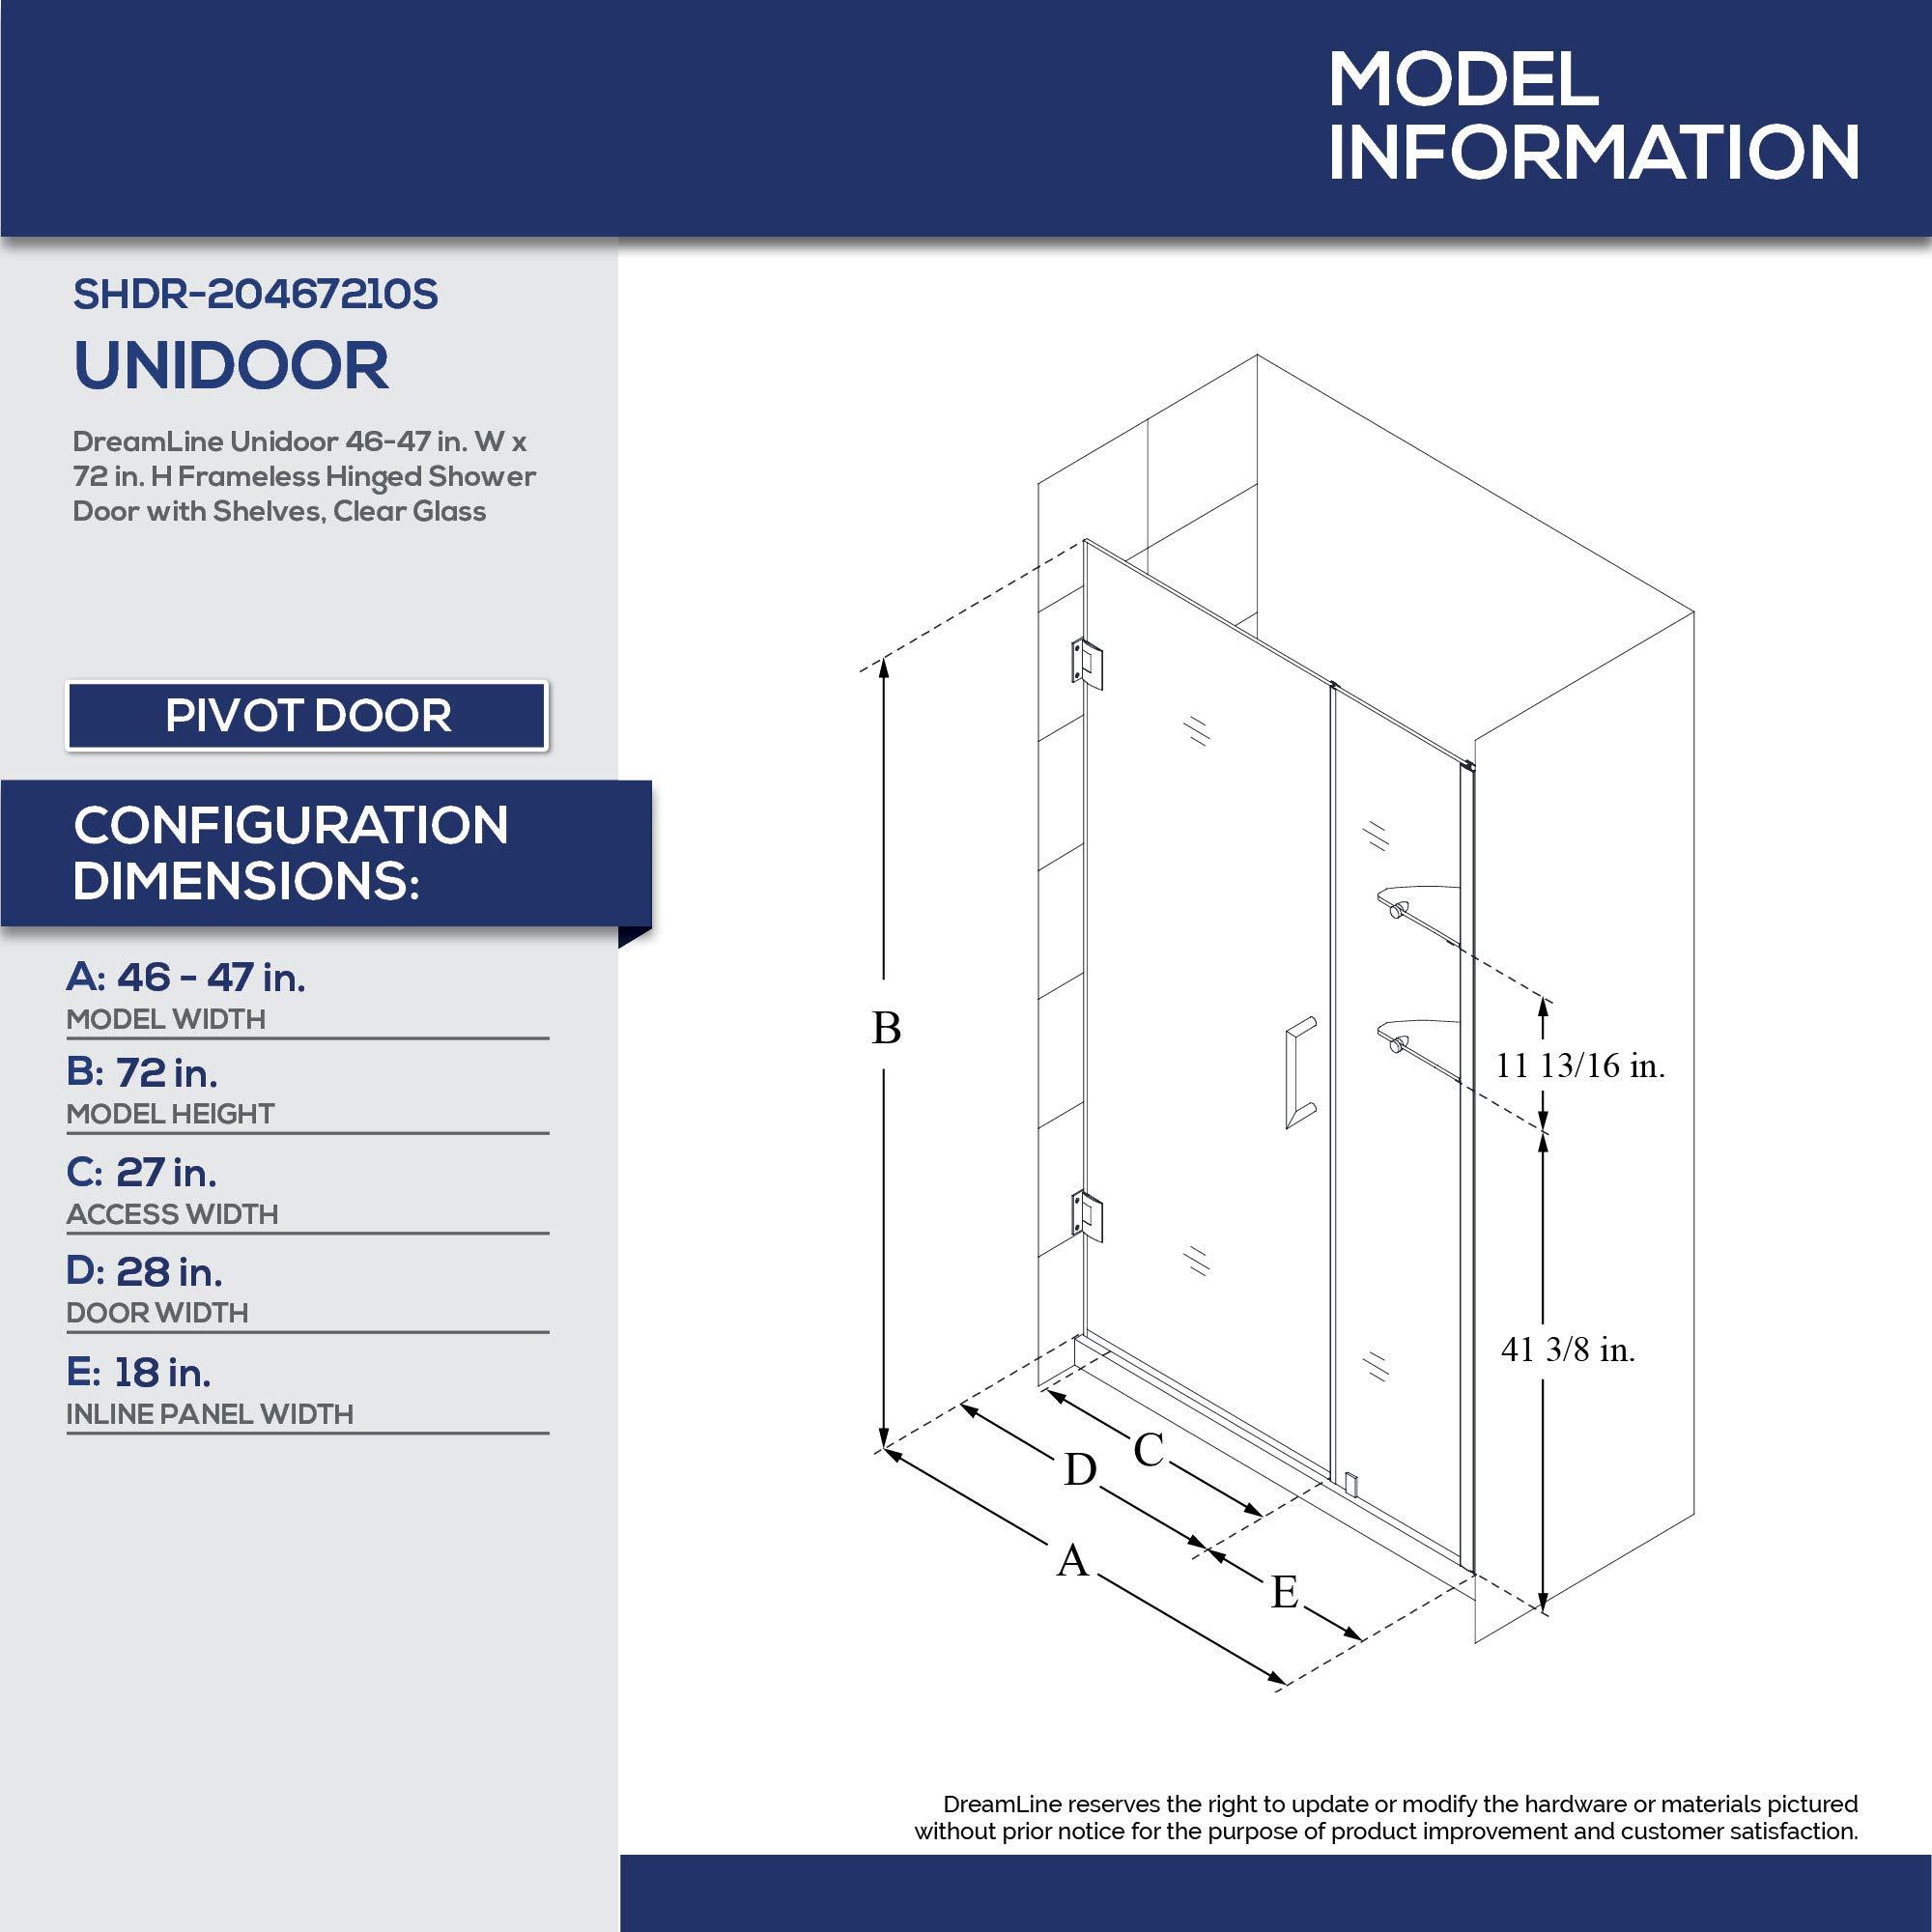 Dreamline Unidoor 46 47 In W X 72 In H Frameless Hinged Shower Door With Shelves In Brushed Nickel Shdr 20467210s 04 Amazon Com